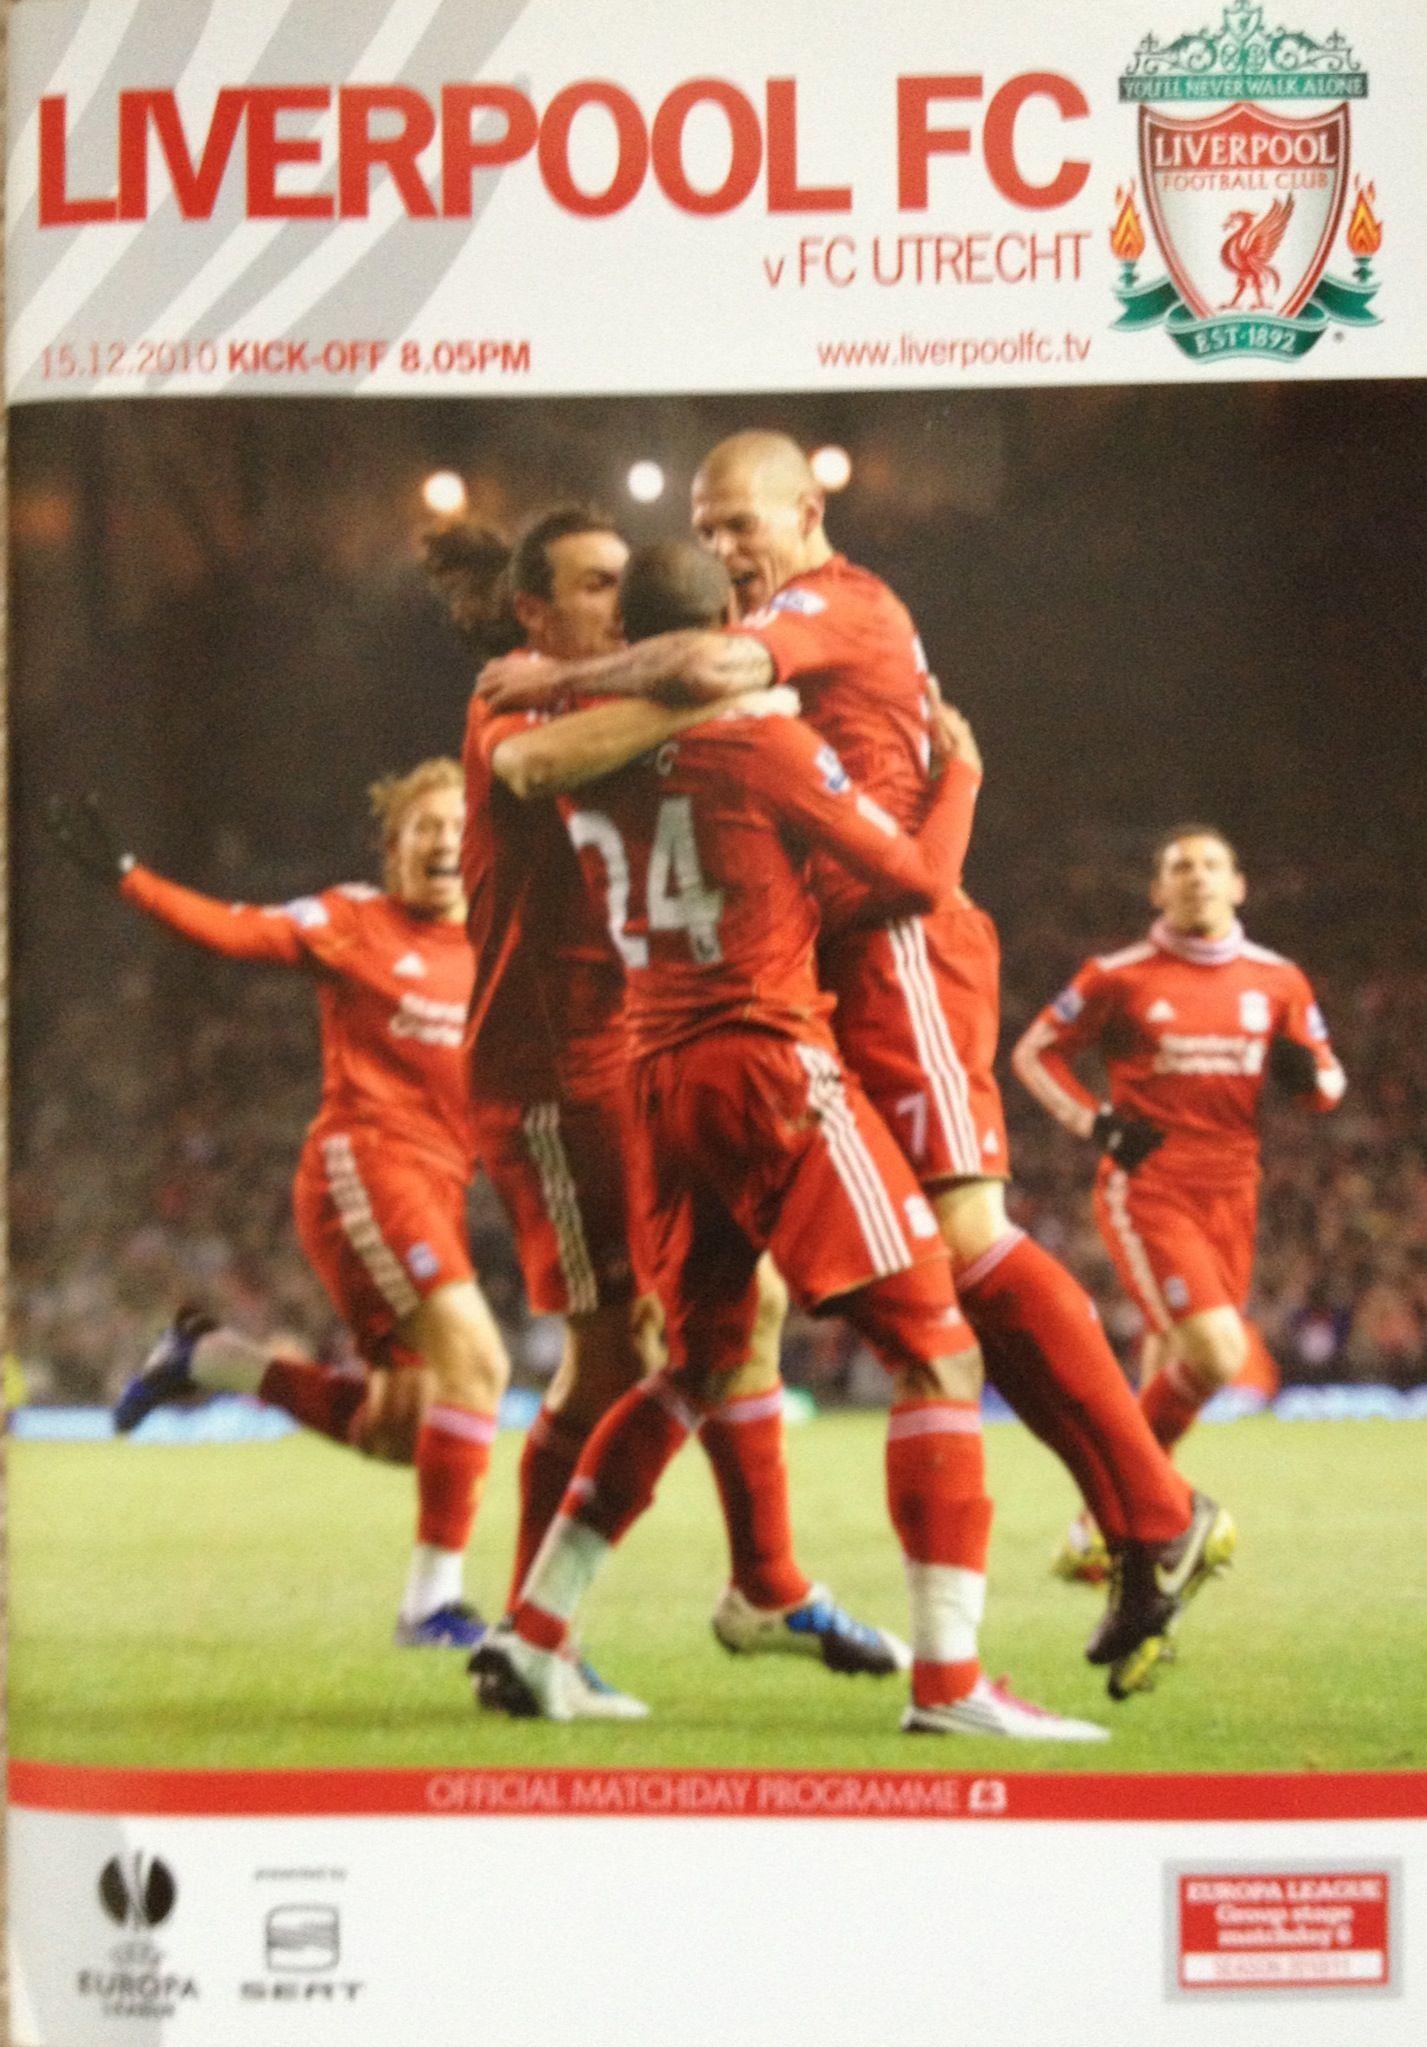 15/12/2010 Liverpool v FC Utrecht